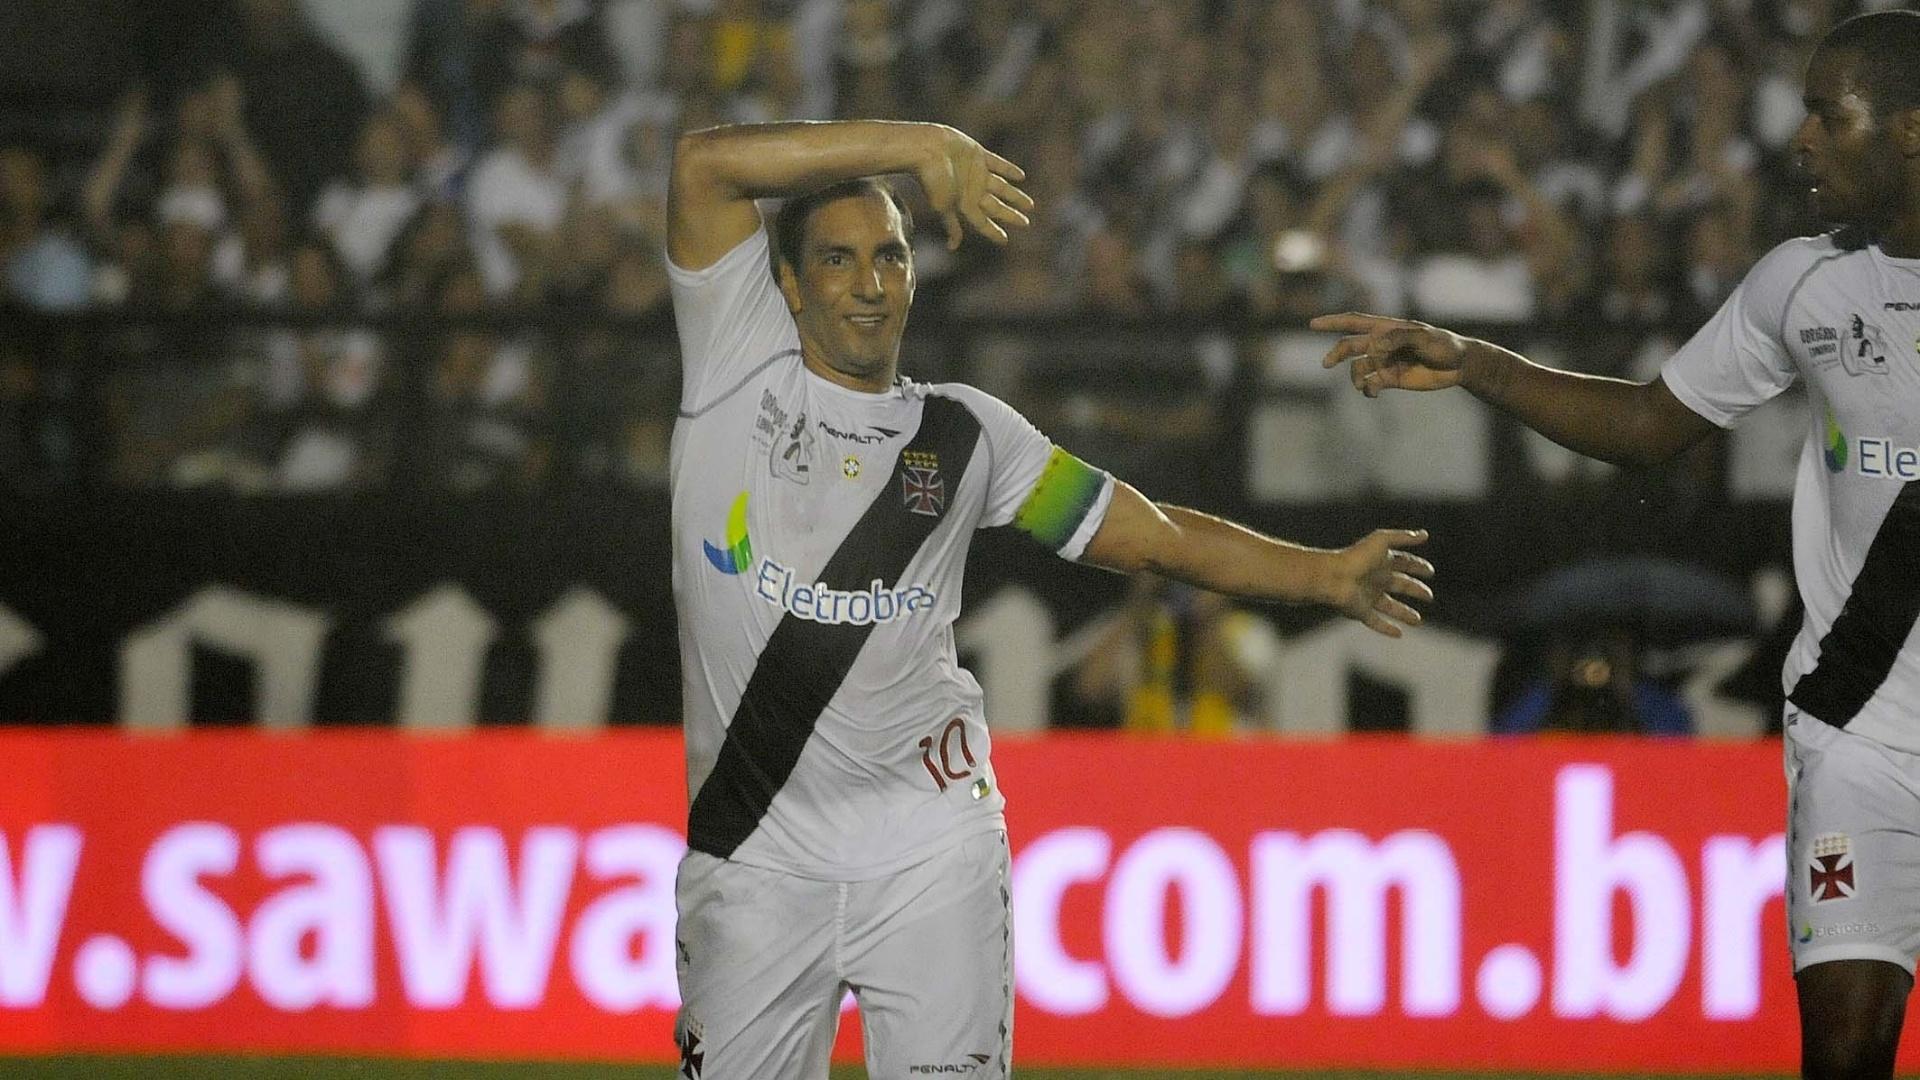 Edmundo faz sua tradicional comemoração ao marcar seu segundo gol na partida de despedida pelo Vasco, contra o Barcelona (EQU)